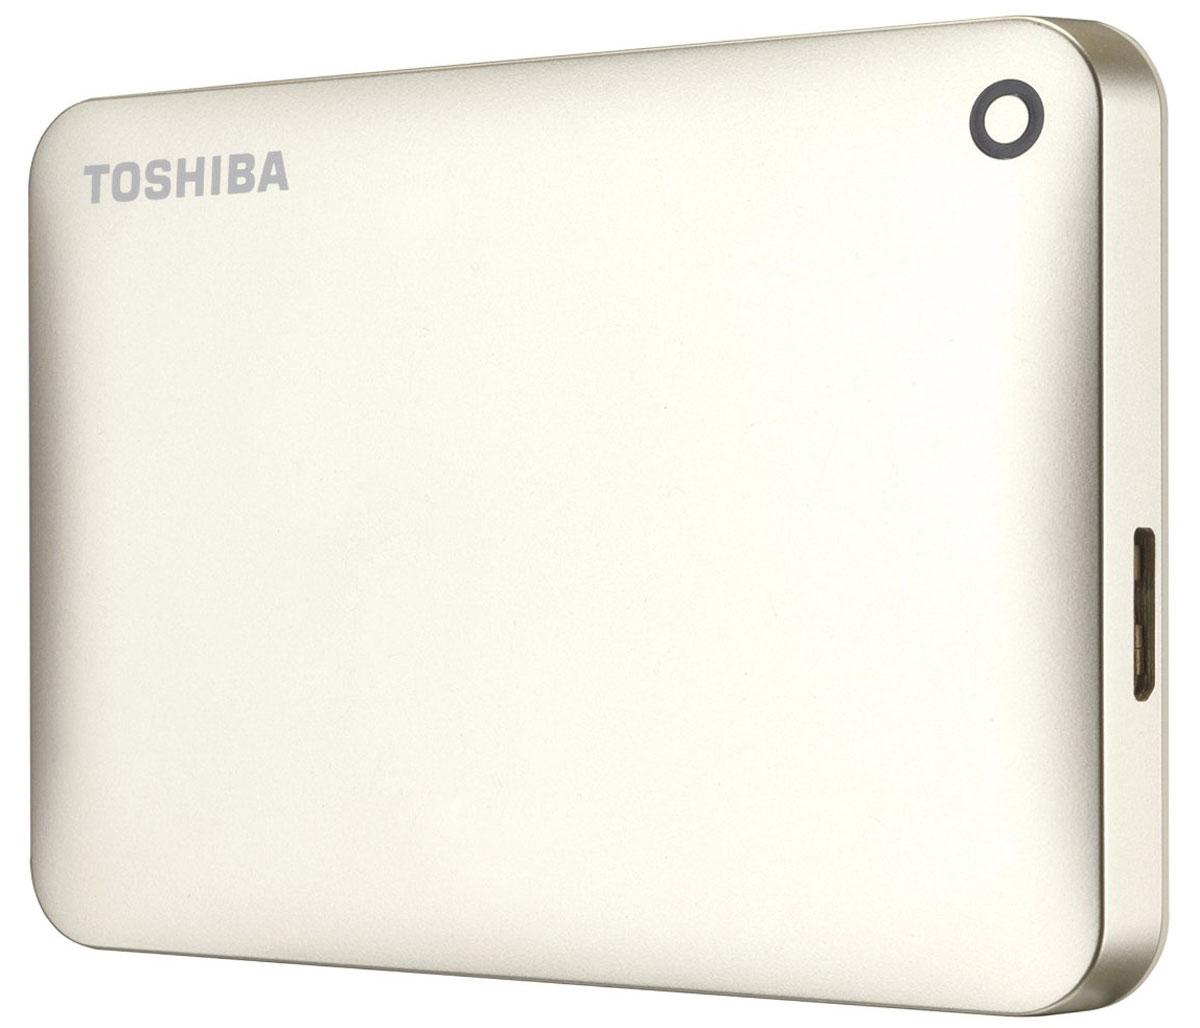 Toshiba Canvio Connect II 1TB, Gold внешний жесткий диск (HDTC810EC3AA)HDTC810EC3AAToshiba Canvio Connect II дает вам возможность быстро передавать файлы с интерфейсом USB 3.0 и хранить до 3 ТБ данных на внешнем жестком диске. Устройство полностью готово для работы с Microsoft Windows и не требует установки программного обеспечения, так что ничего не может быть удобнее для хранения всех ваших любимых файлов. В офисе или в дороге его классический дизайн будет всегда уместен. Более того, Toshiba Canvio Connect II позволяет подключаться также и к оборудованию с совместимостью USB 2.0. Этот внешний накопитель обеспечивает доступ к вашим файлам практически из любого места и с любого устройства. Toshiba Canvio Connect II может легко превратить ваш компьютер в облачный сервер благодаря предустановленному ПО для удаленного доступа (накопитель должен быть подключен к компьютеру и Wi-Fi). Помимо удаленного доступа это устройство предоставляет своему владельцу 10 ГБ дополнительного места в облачном сервисе. Программное обеспечение NTI Backup Now EZ обеспечивает...